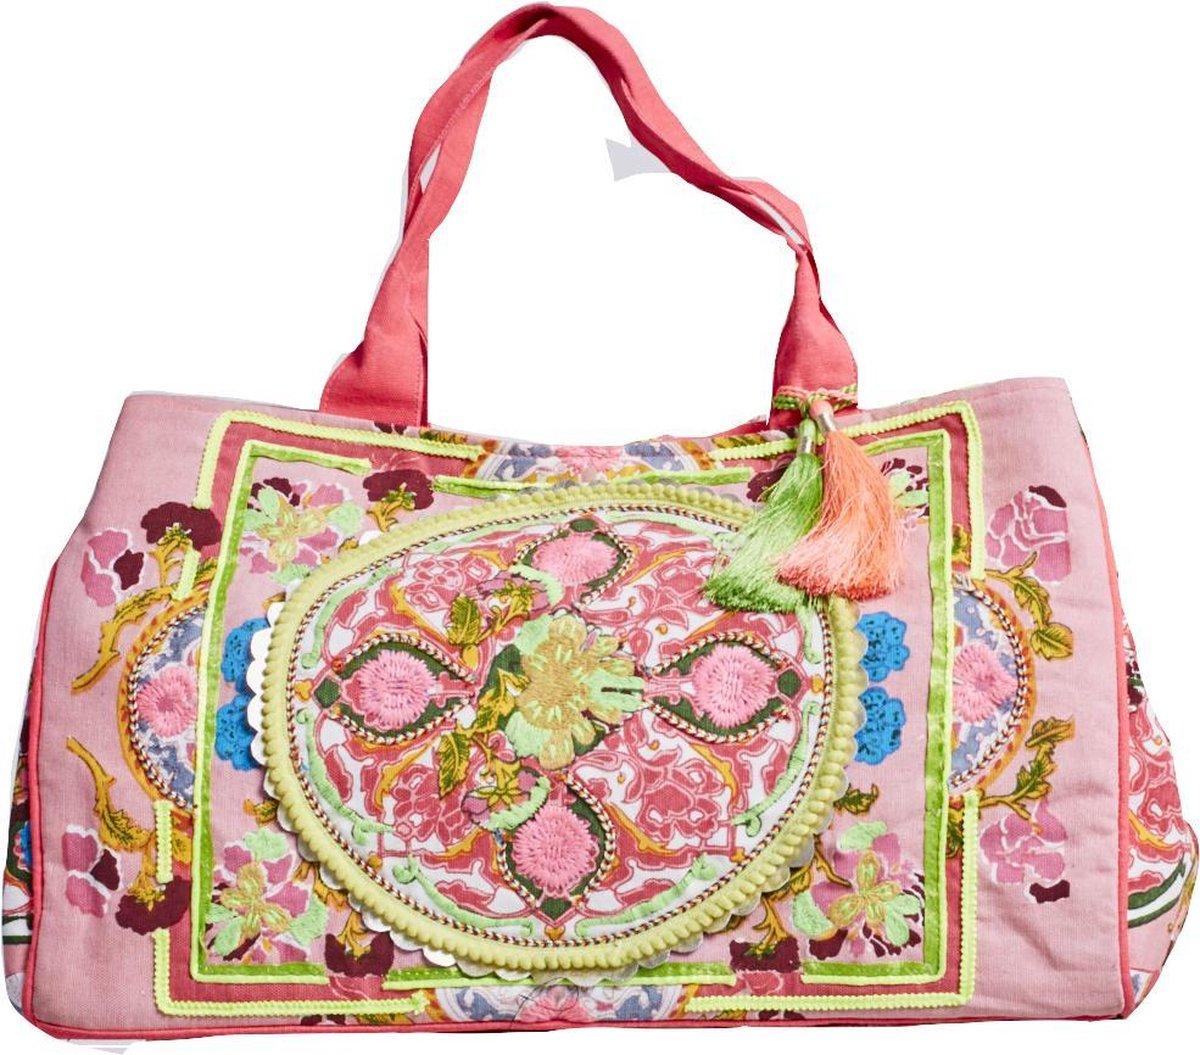 Debbie Katz Mini Boho Handtas - Roze